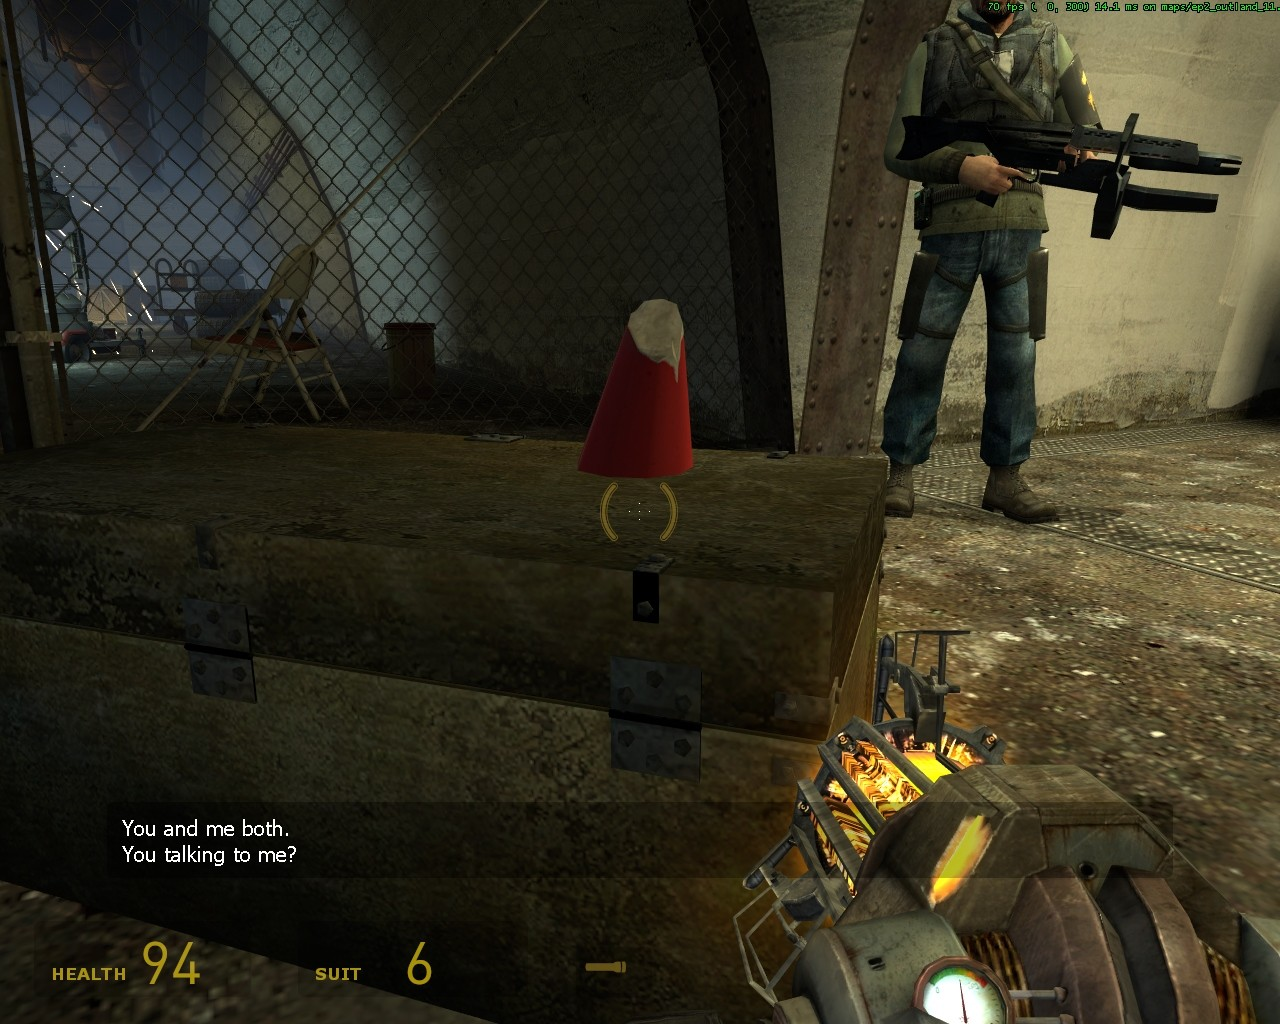 Гном спрятался (получено заменой модели) - Half-Life 2